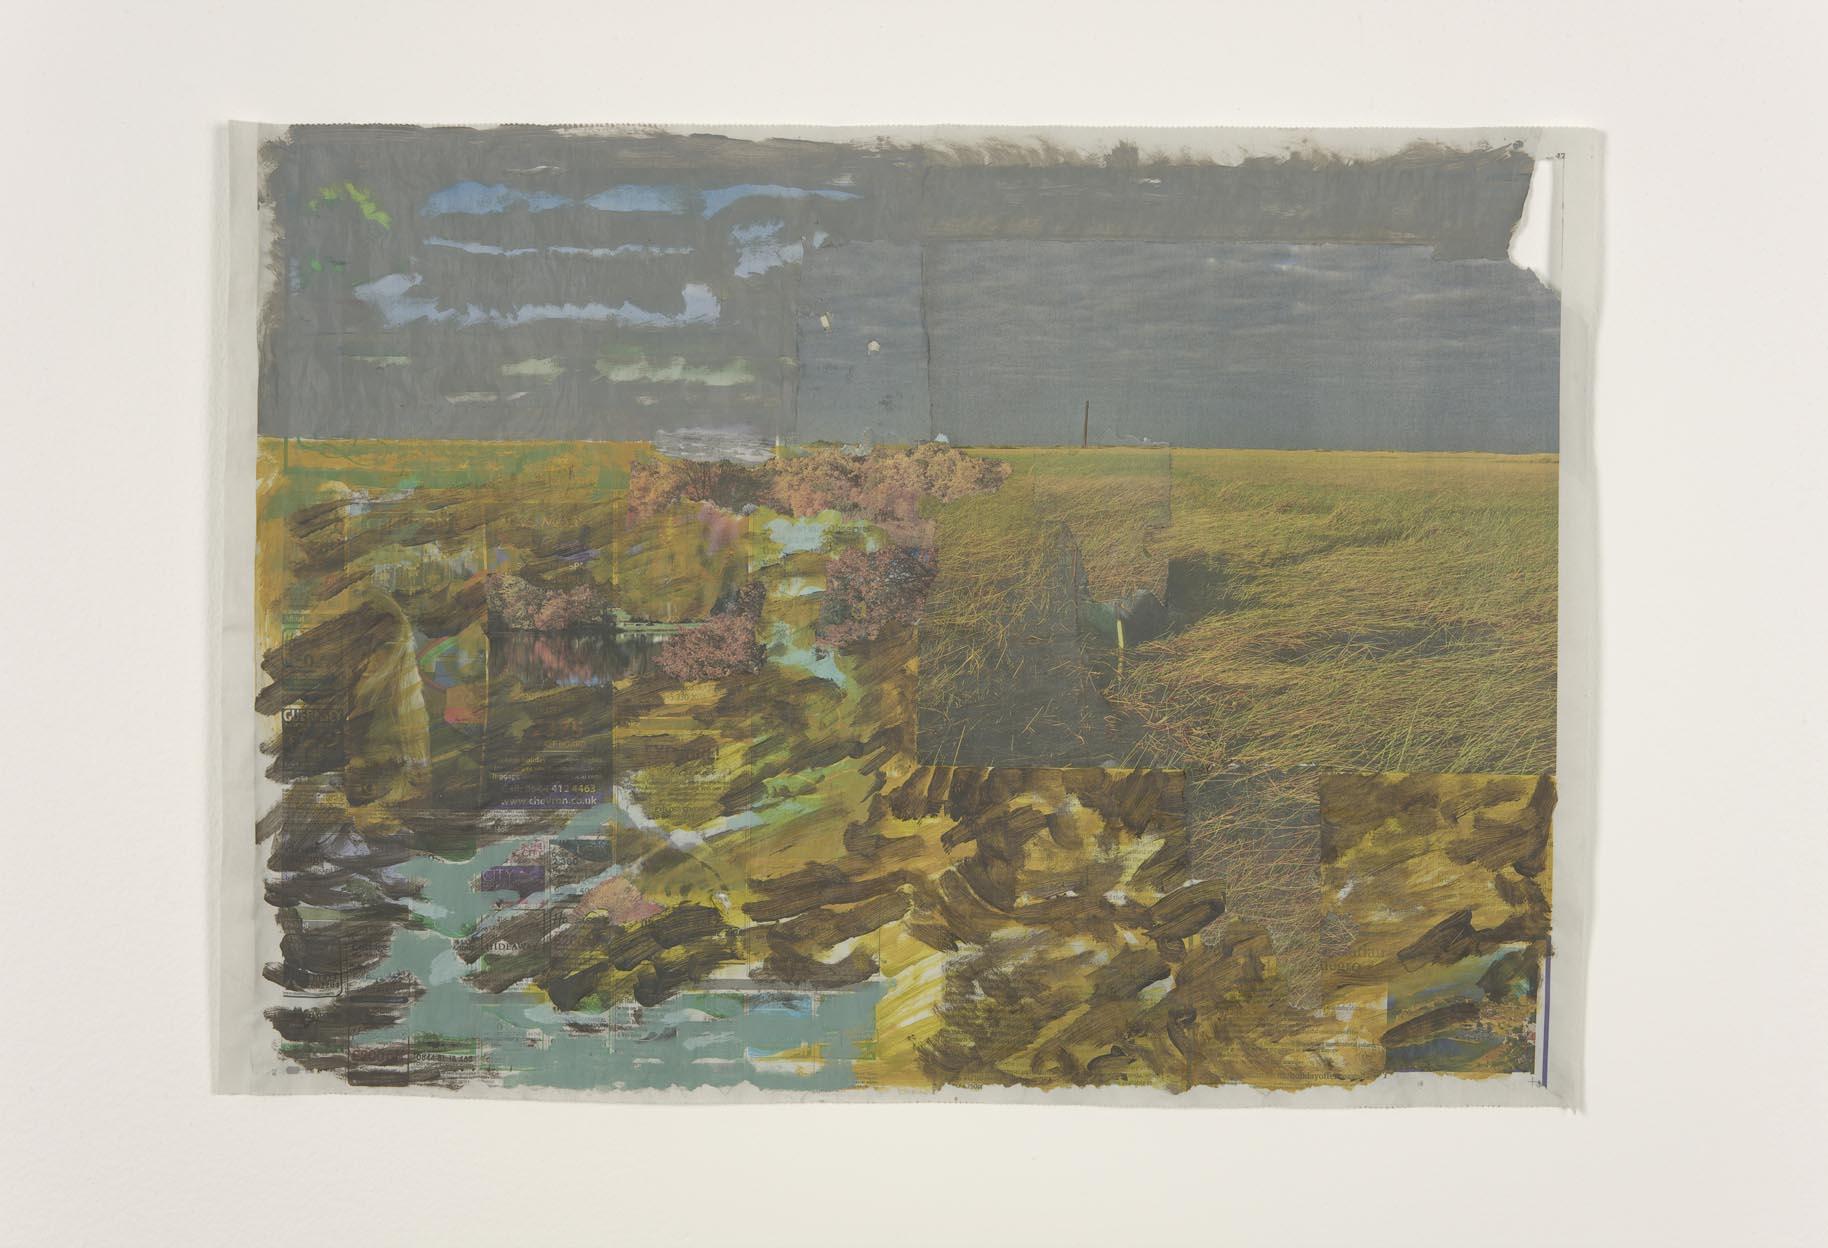 Host Rain 2012 Acrylic on newsprint 45 x 63 cm / 17.7 x 24.8 in